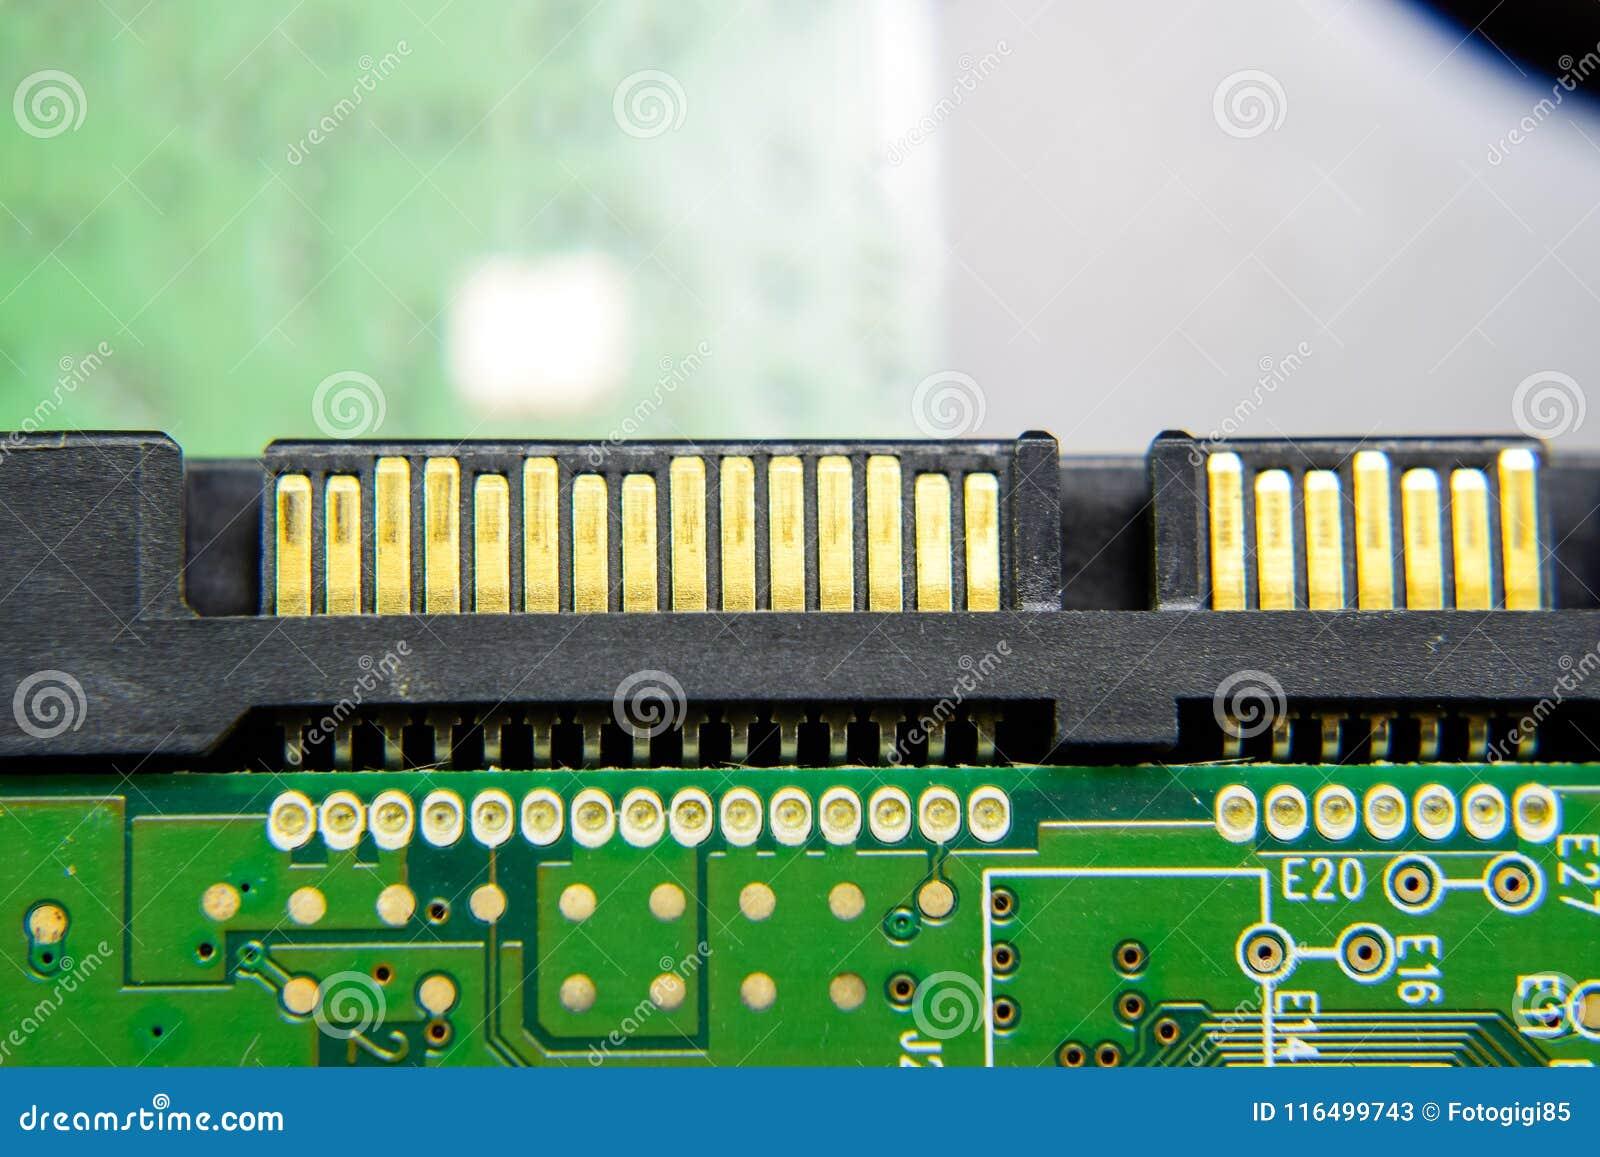 Des Festplattenlaufwerk-Verbindungsstücks Sata elektronisches Brett mit elektrischen Komponenten Elektronik der Computerausrüstun